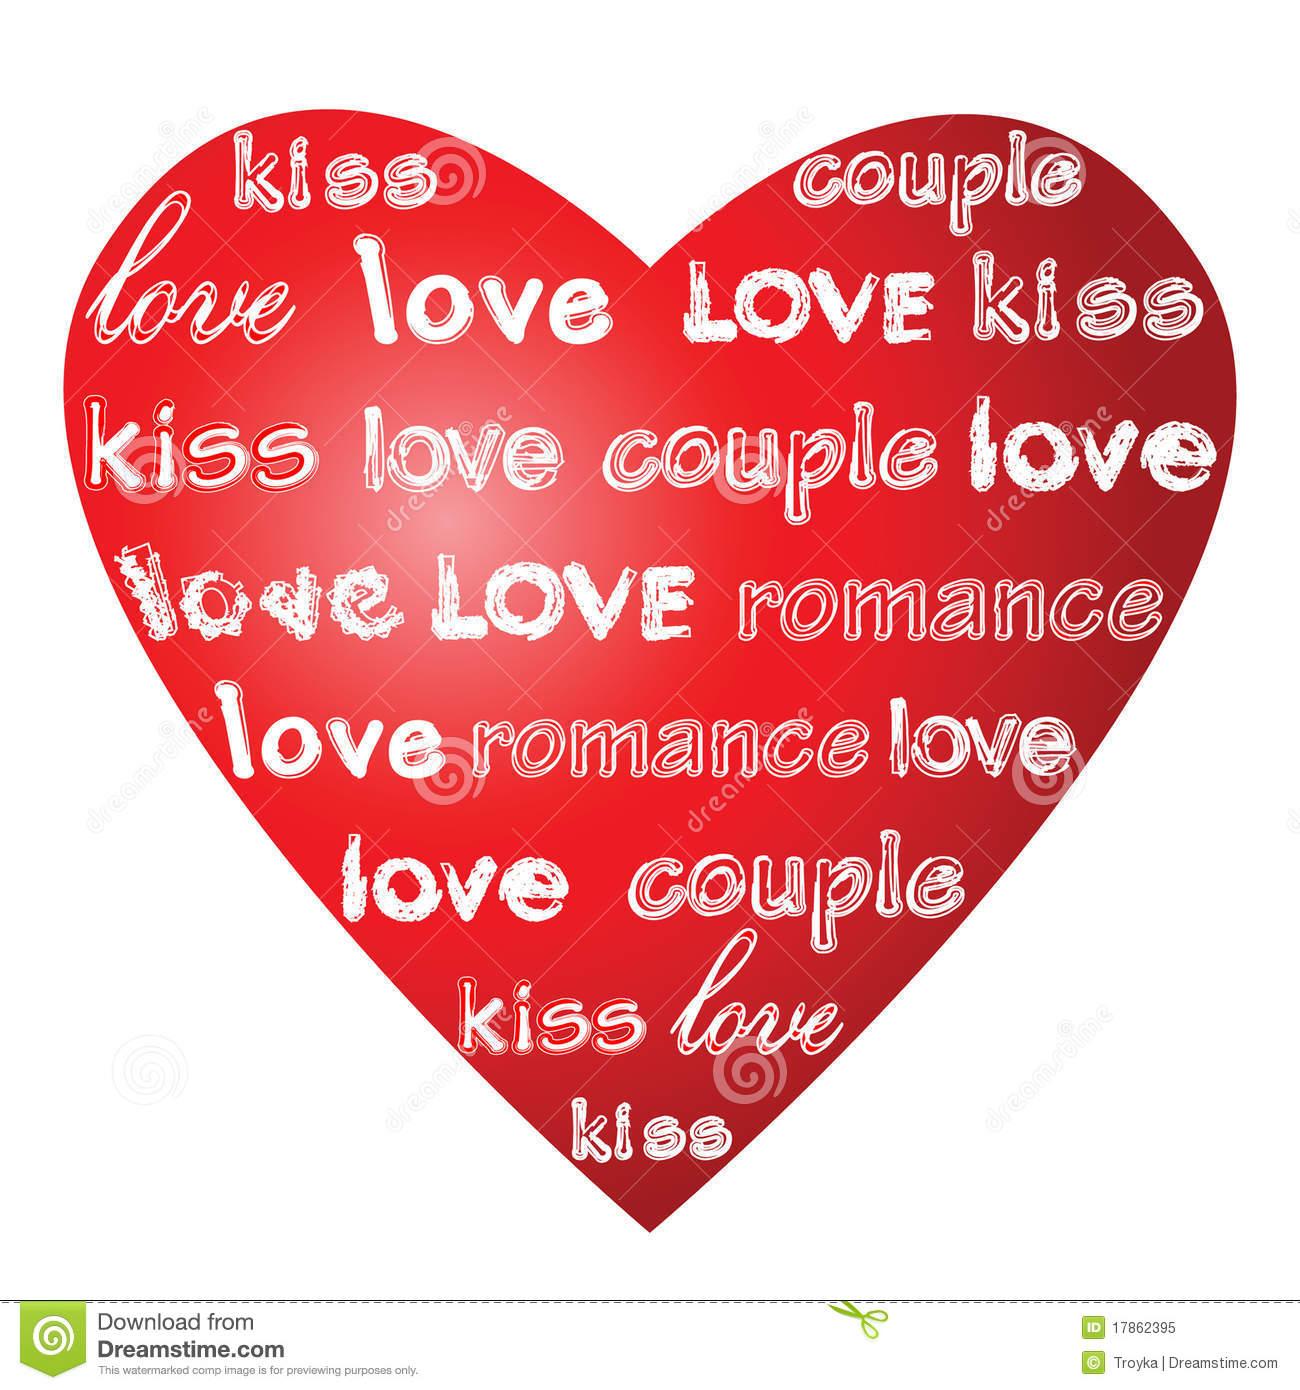 بالصور صور حب رومنسي , اجمل الصور الرومانسية 1663 6